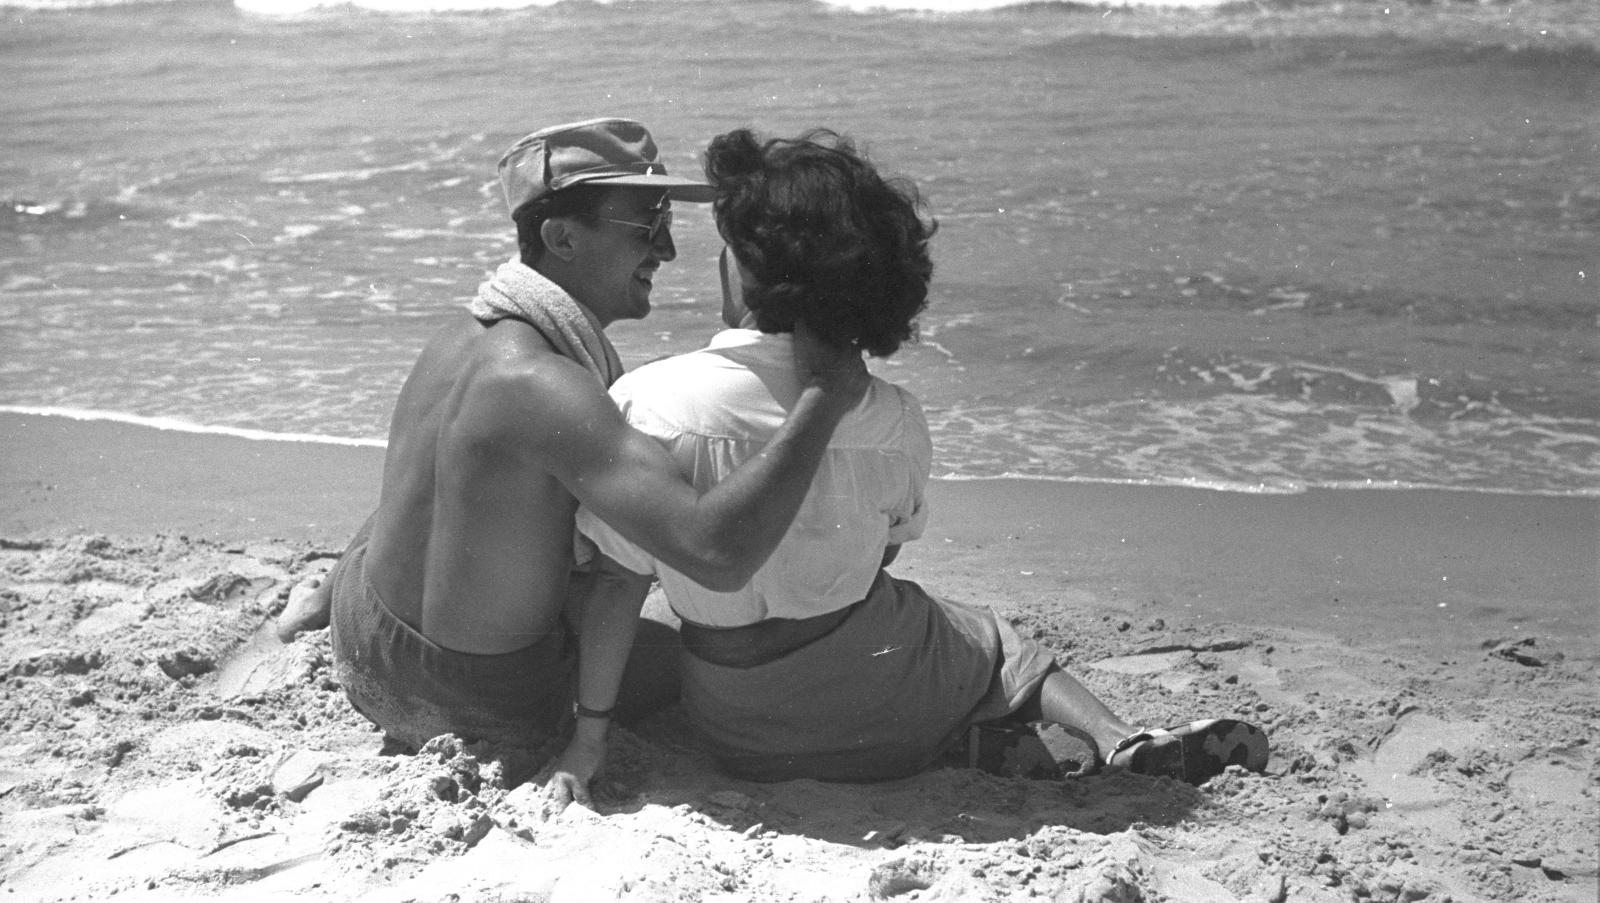 Tu b'Av special: 9 sweet photos of Israelis in love